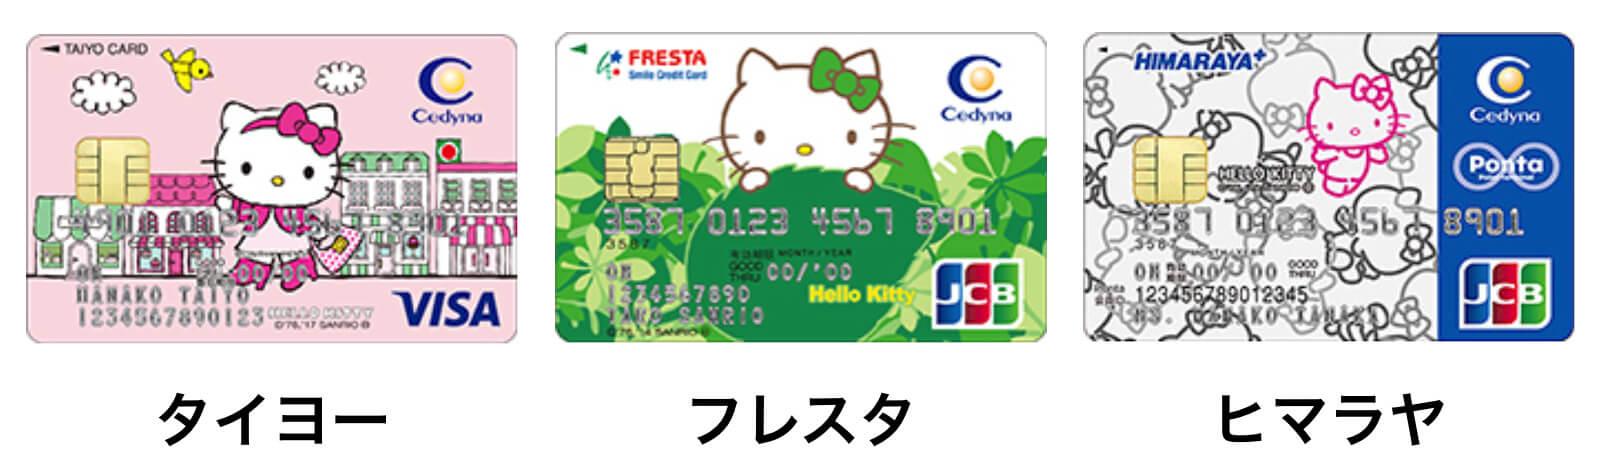 タイヨーカード フレスタスマイルクレジットカード ヒマラヤPontaカードPlusのハローキティデザインクレジットカード